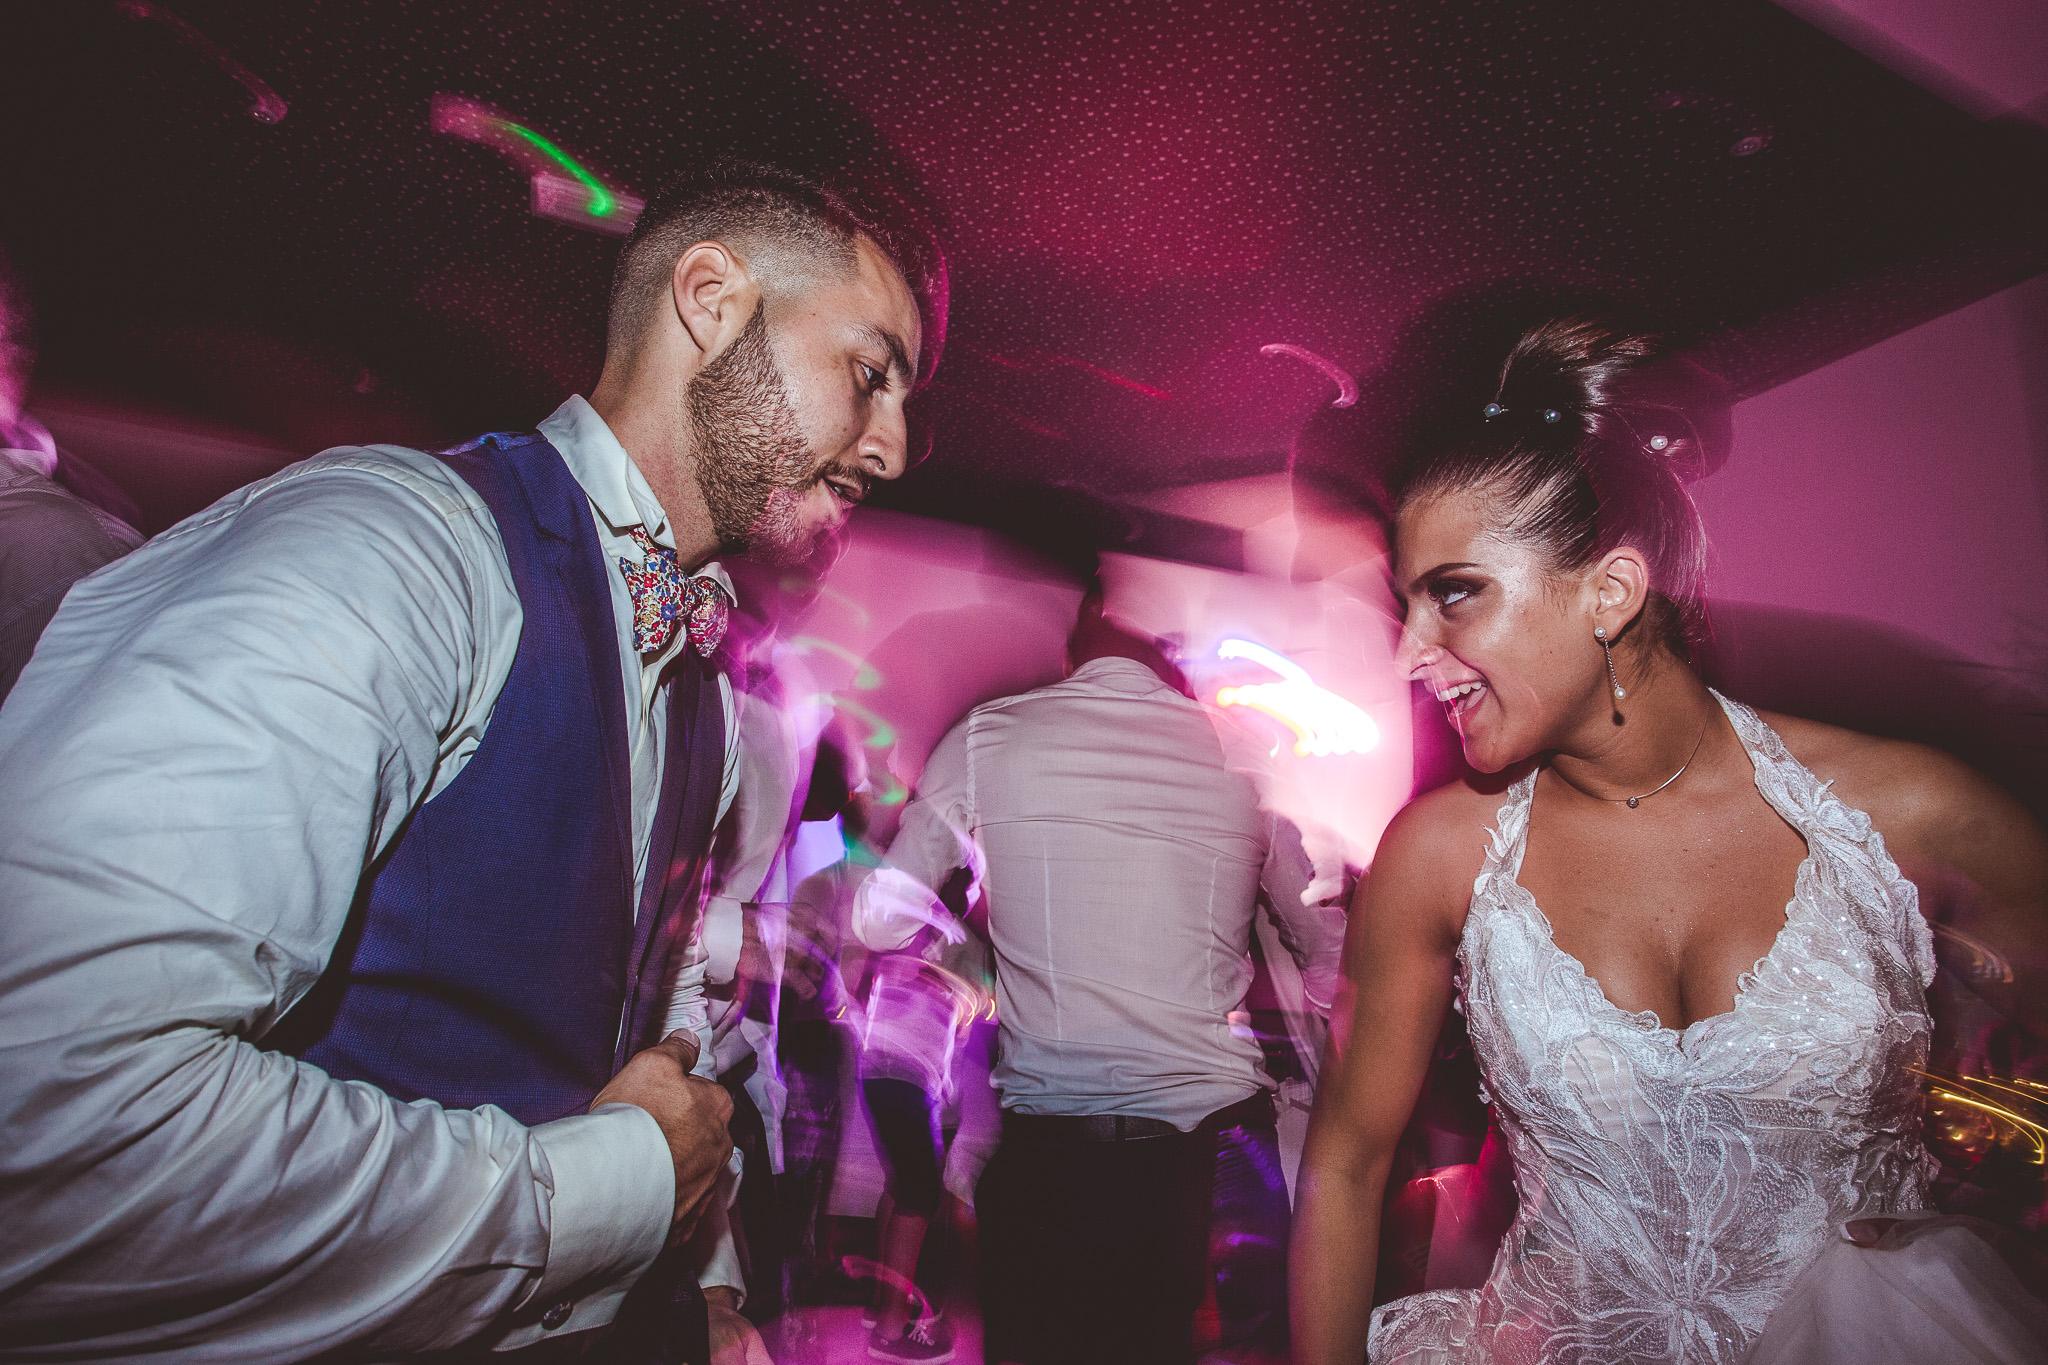 reportage mariage photo original soiree dansante maries danse musique dj chateau mons gers